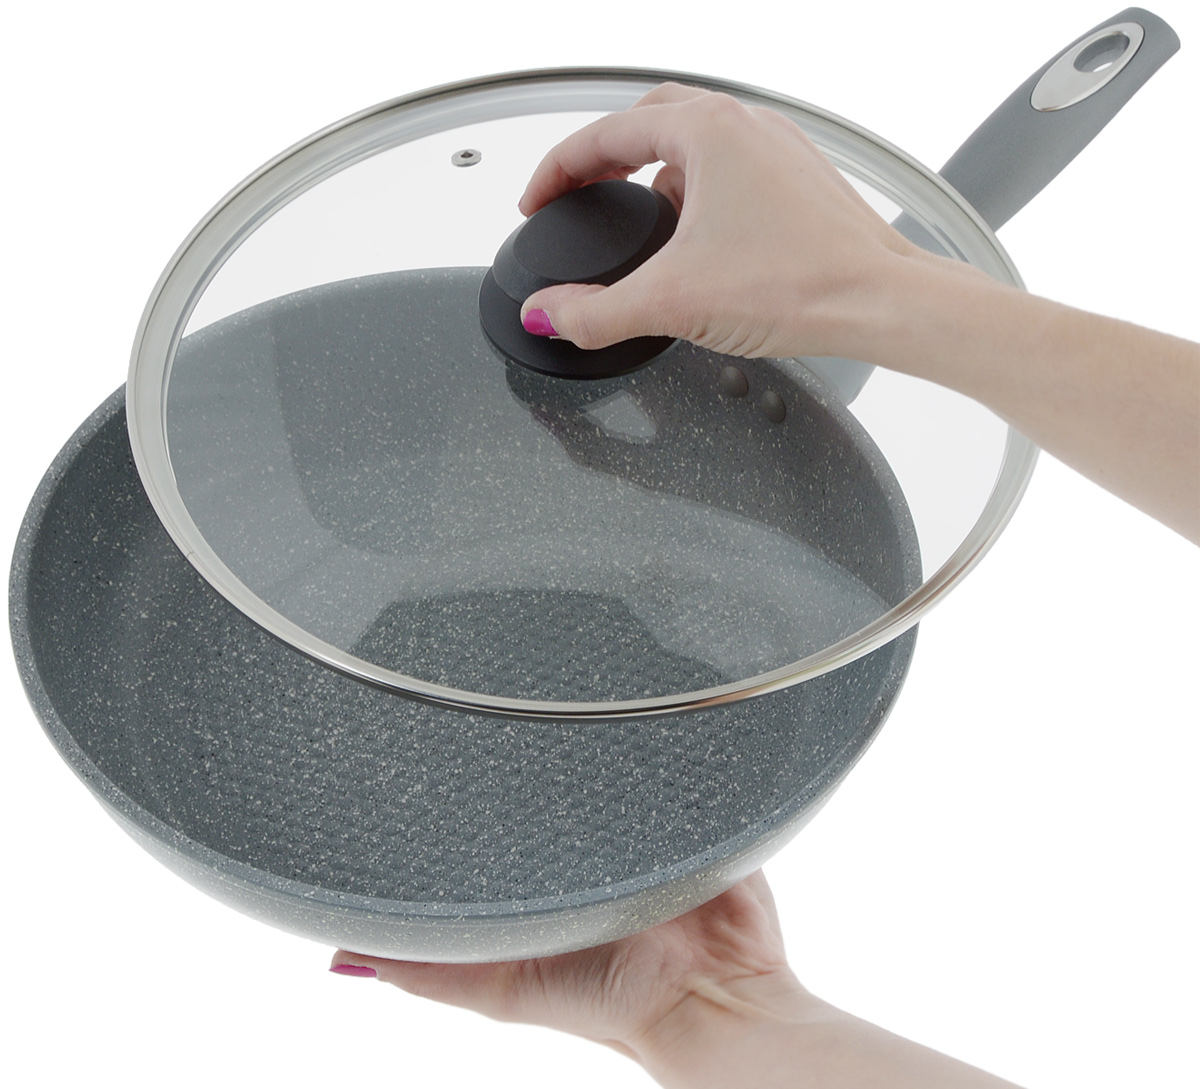 """Сковорода """"Mayer & Boch"""" выполнена из литого алюминия с антипригарным покрытием особой прочности Titanium Granit. Такое покрытие жаропрочное, защищает сковороду от царапин, экологически чистое и полностью безопасное, без вредных соединений и примесей. Благодаря высокой теплопроводности алюминия, посуда распределяет тепло по всей поверхности, экономя время и энергию. Рифленое дно позволяет готовить с минимальным количеством масла или без него. Эргономичная ручка из бакелита с покрытием soft-touch не нагревается и не скользит, а крышка из прозрачного стекла с отверстием для вывода пара позволит следить за процессом приготовления еды. Подходит для всех типов плит, включая индукционных. Можно мыть в посудомоечной машине.  Диаметр сковороды по верхнему краю: 26 см.Высота стенки: 5,5 см. Длина ручки: 18,5 см."""